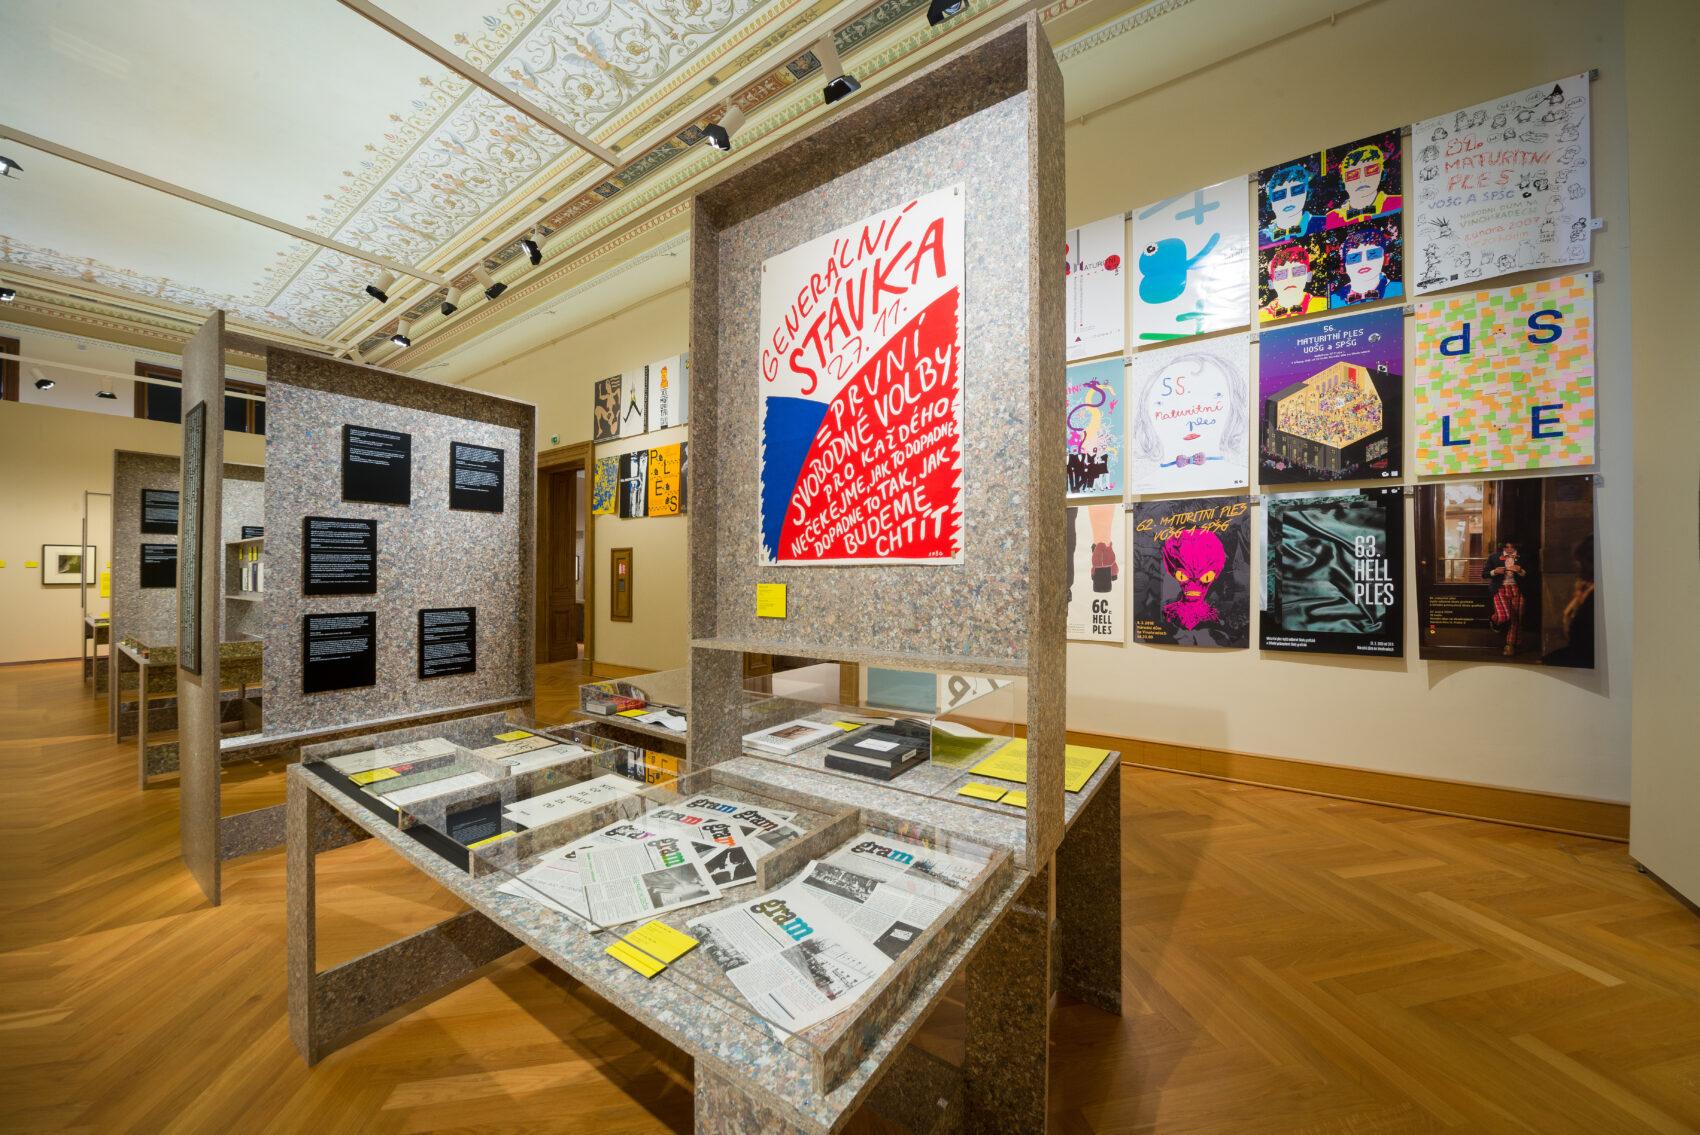 100 let grafické školy v Praze - pohled do expozice